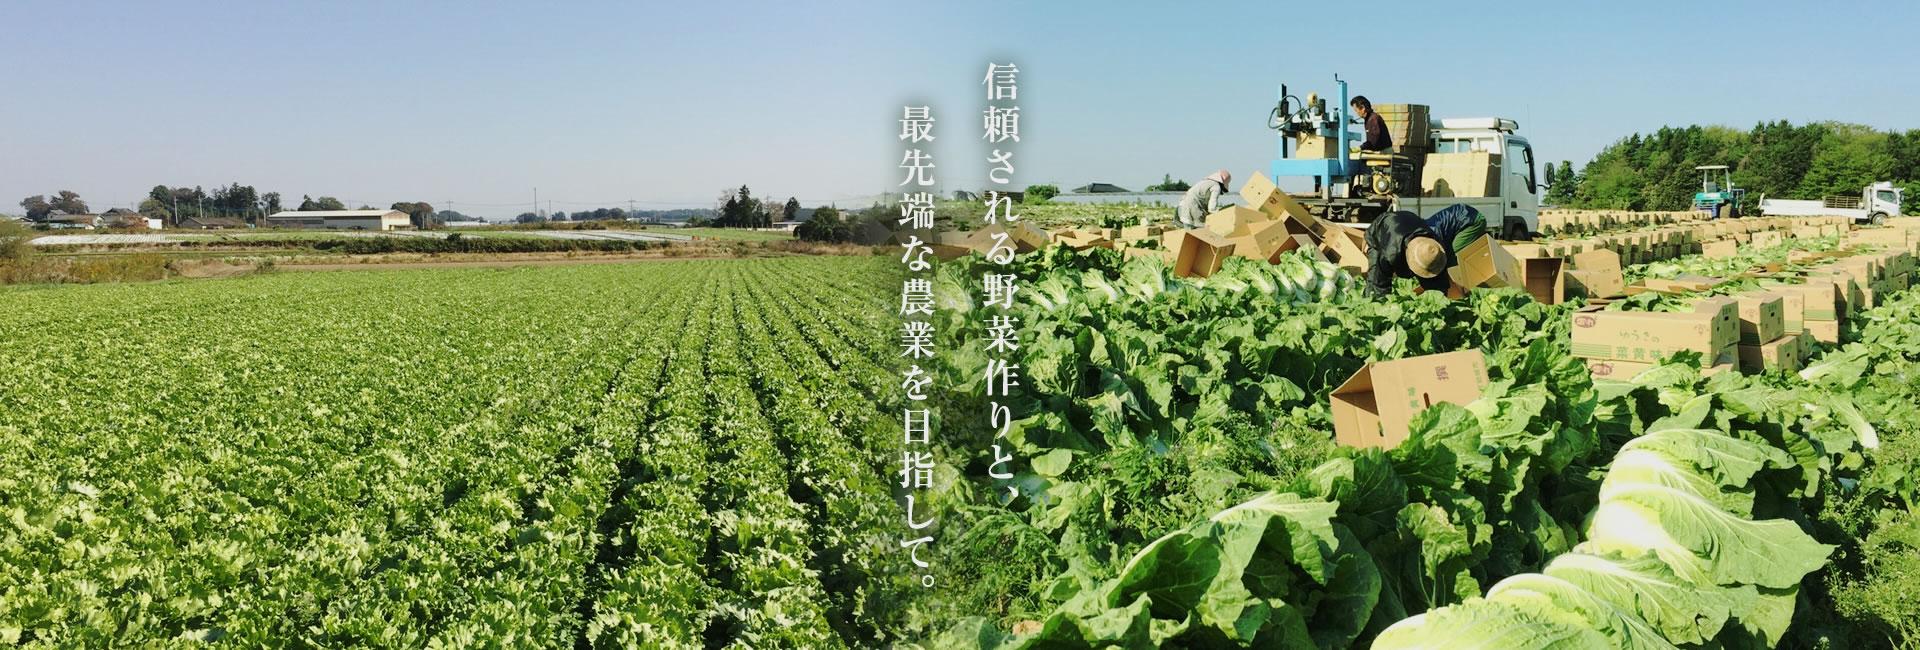 信頼される野菜作りと、最先端な農業を目指して。